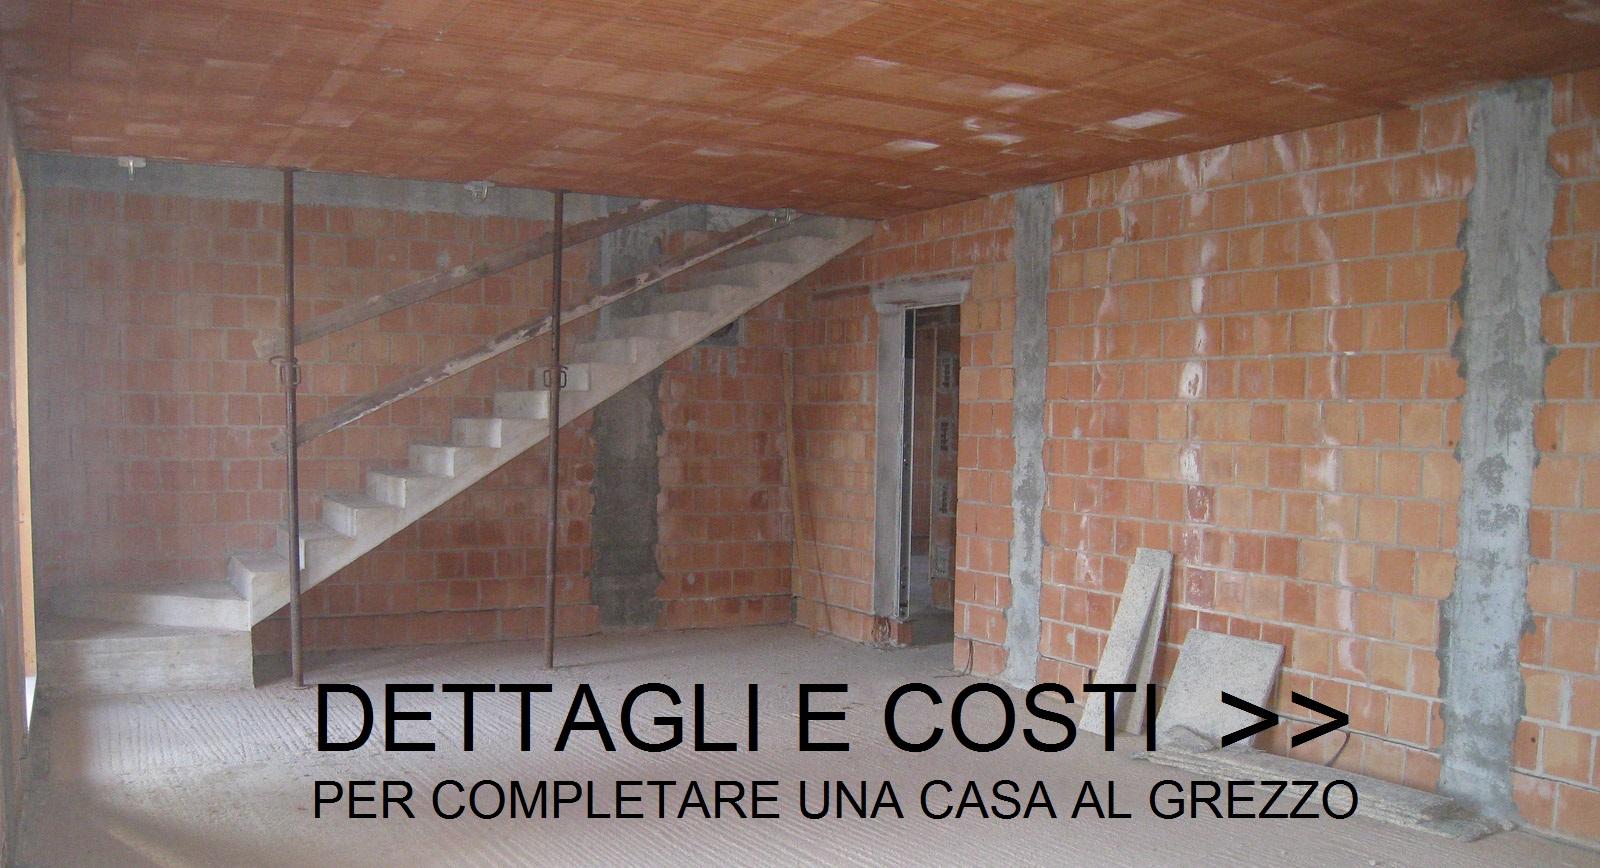 Finire casa al grezzo quanto costa finire casa al grezzo - Impianto elettrico casa prezzi ...